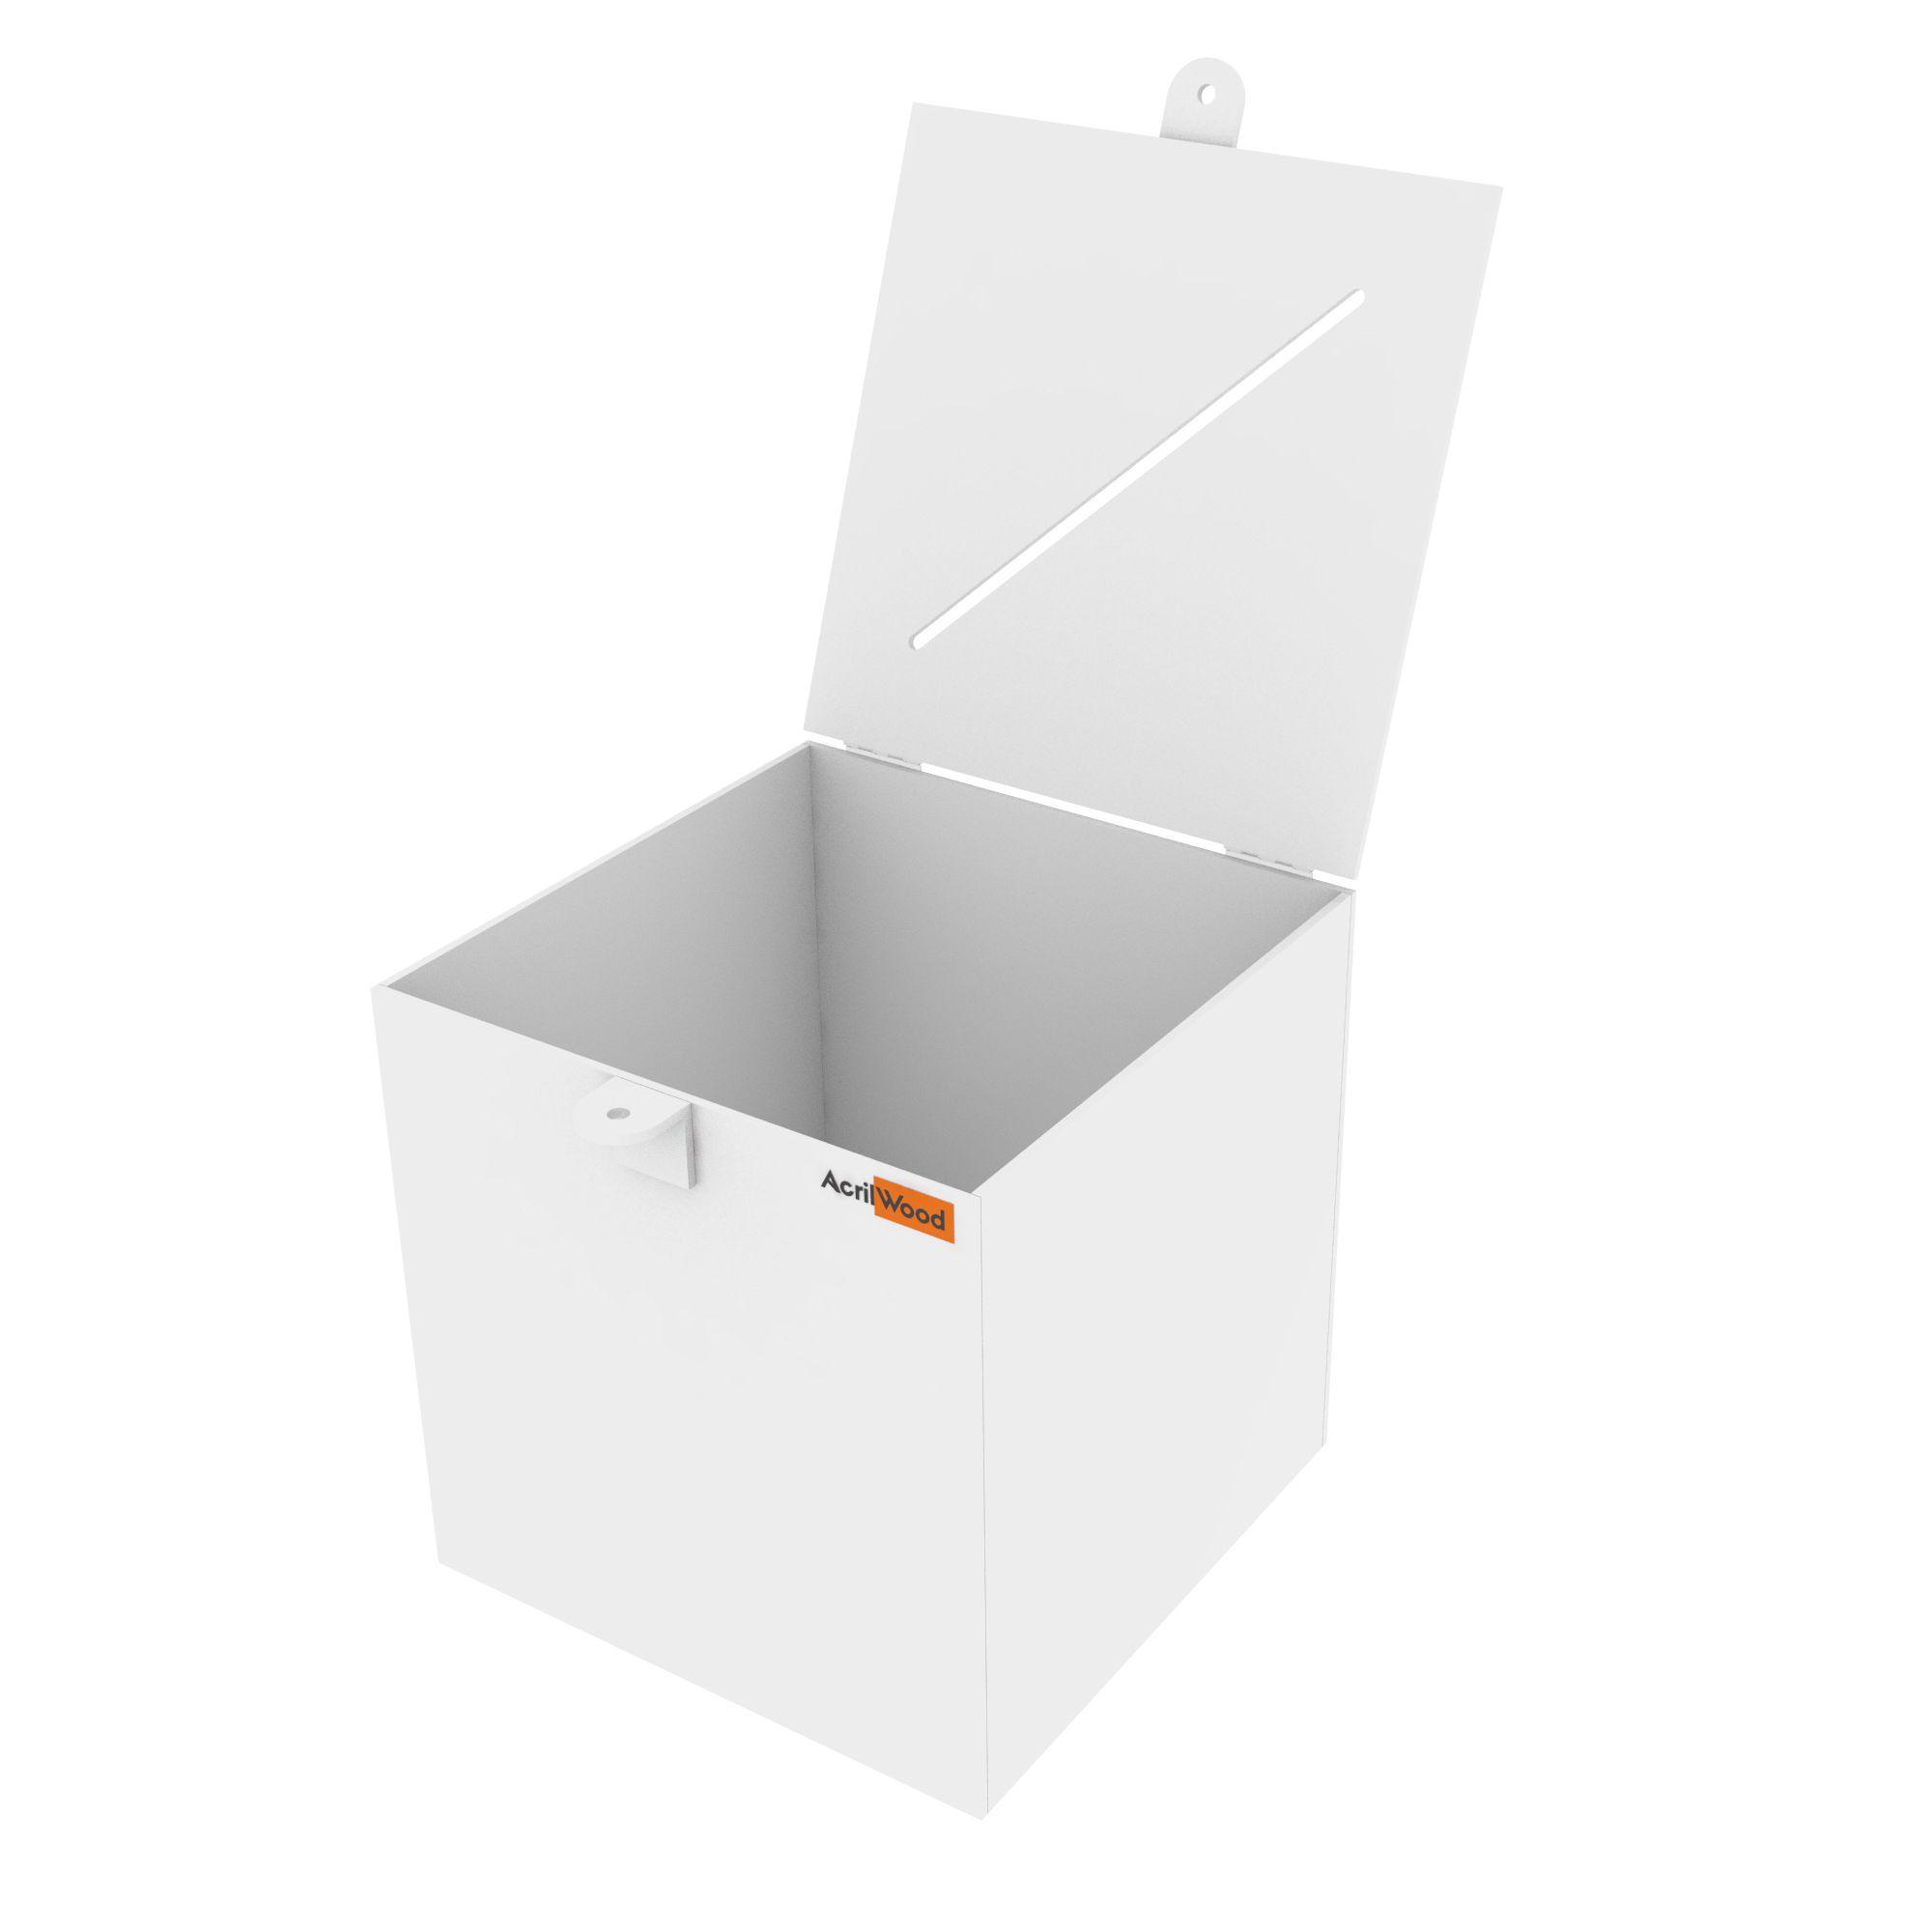 Urna Quadrada Em Acrílico Branco - 20x20x20cm